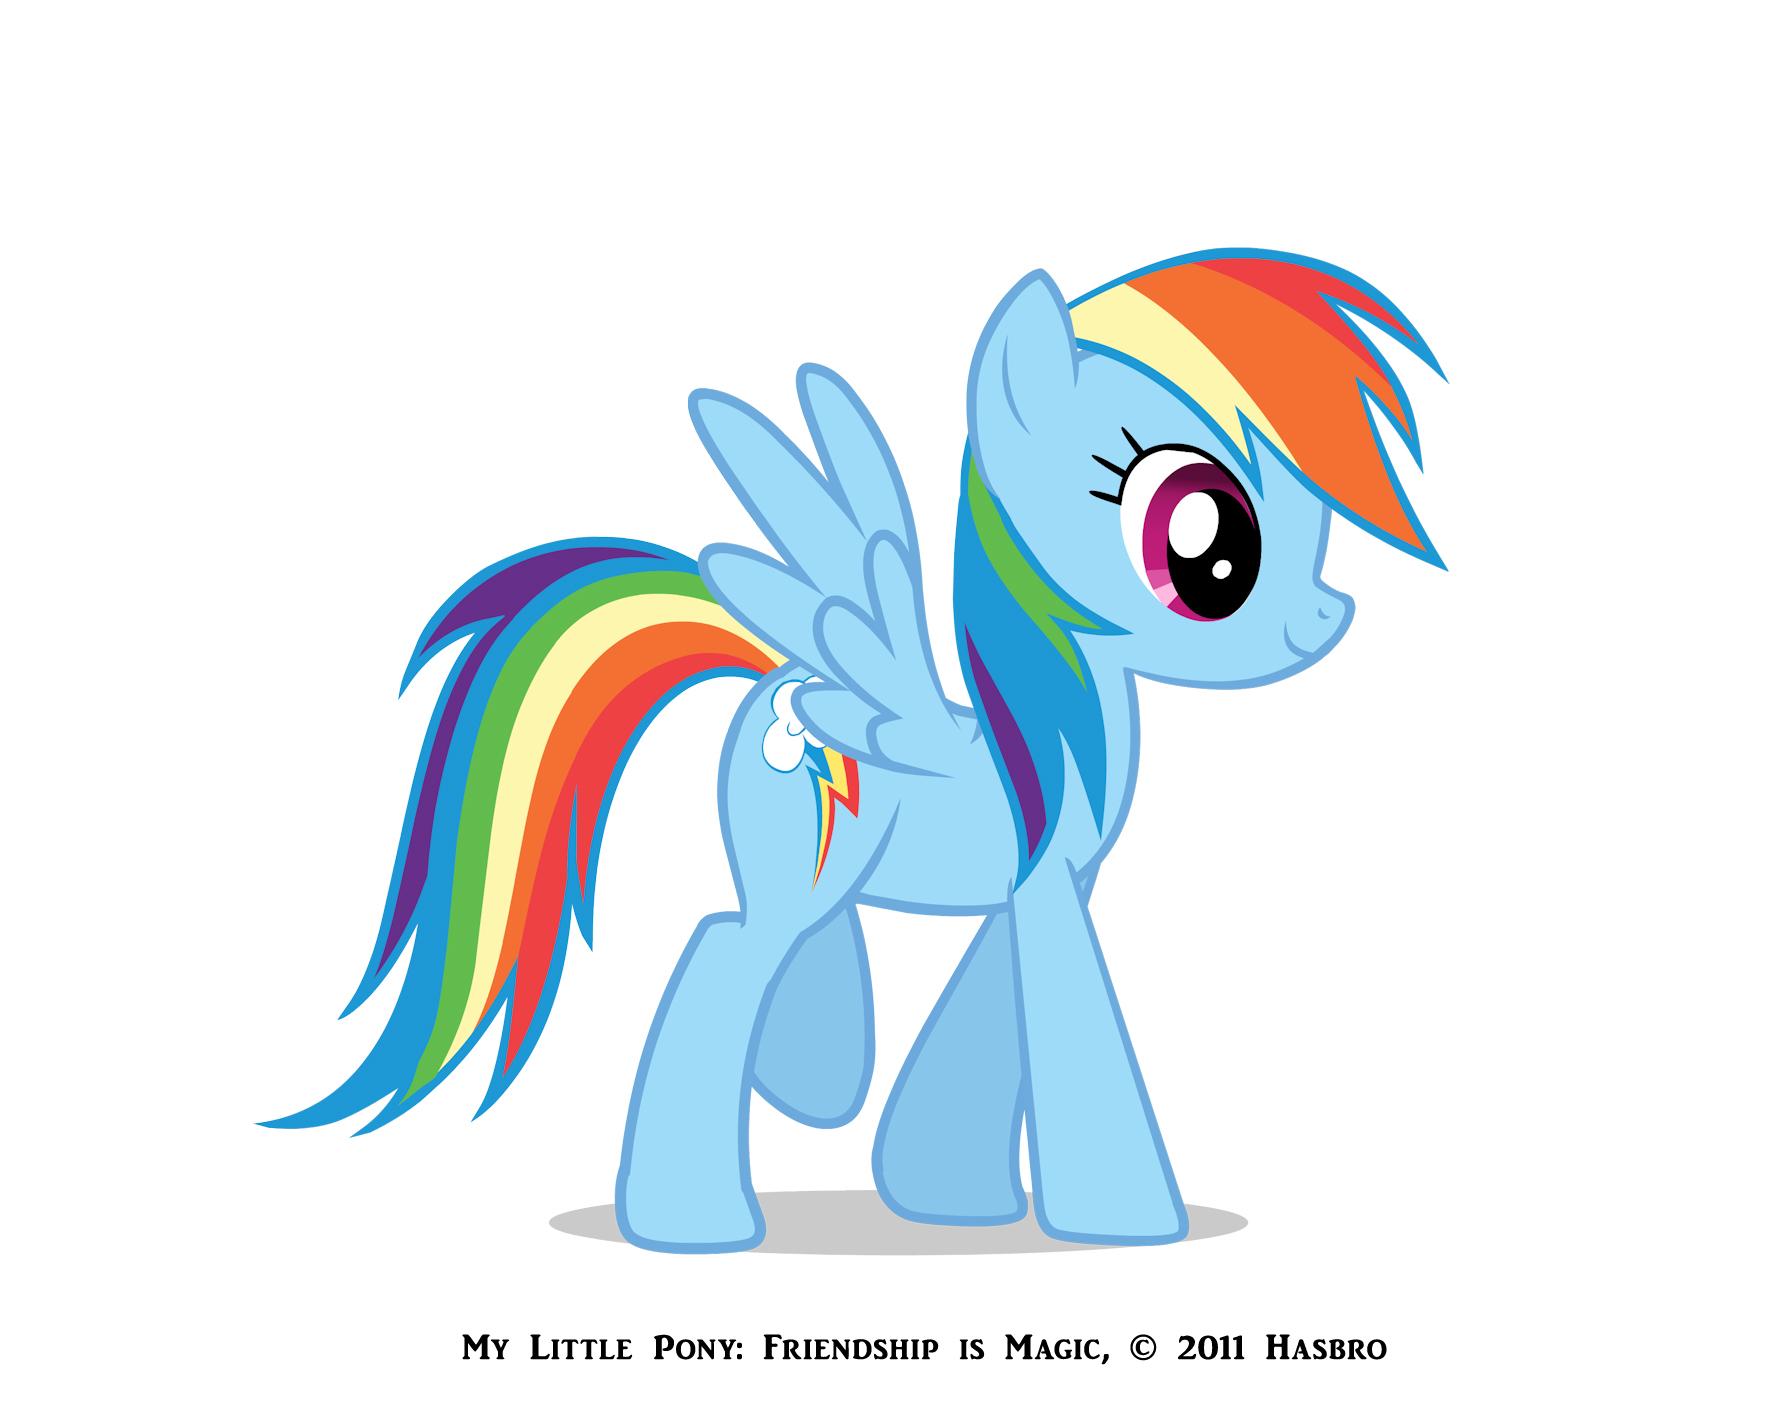 تقرير كامل عن ماي ليتل بوني My little pony rainbowdashreference